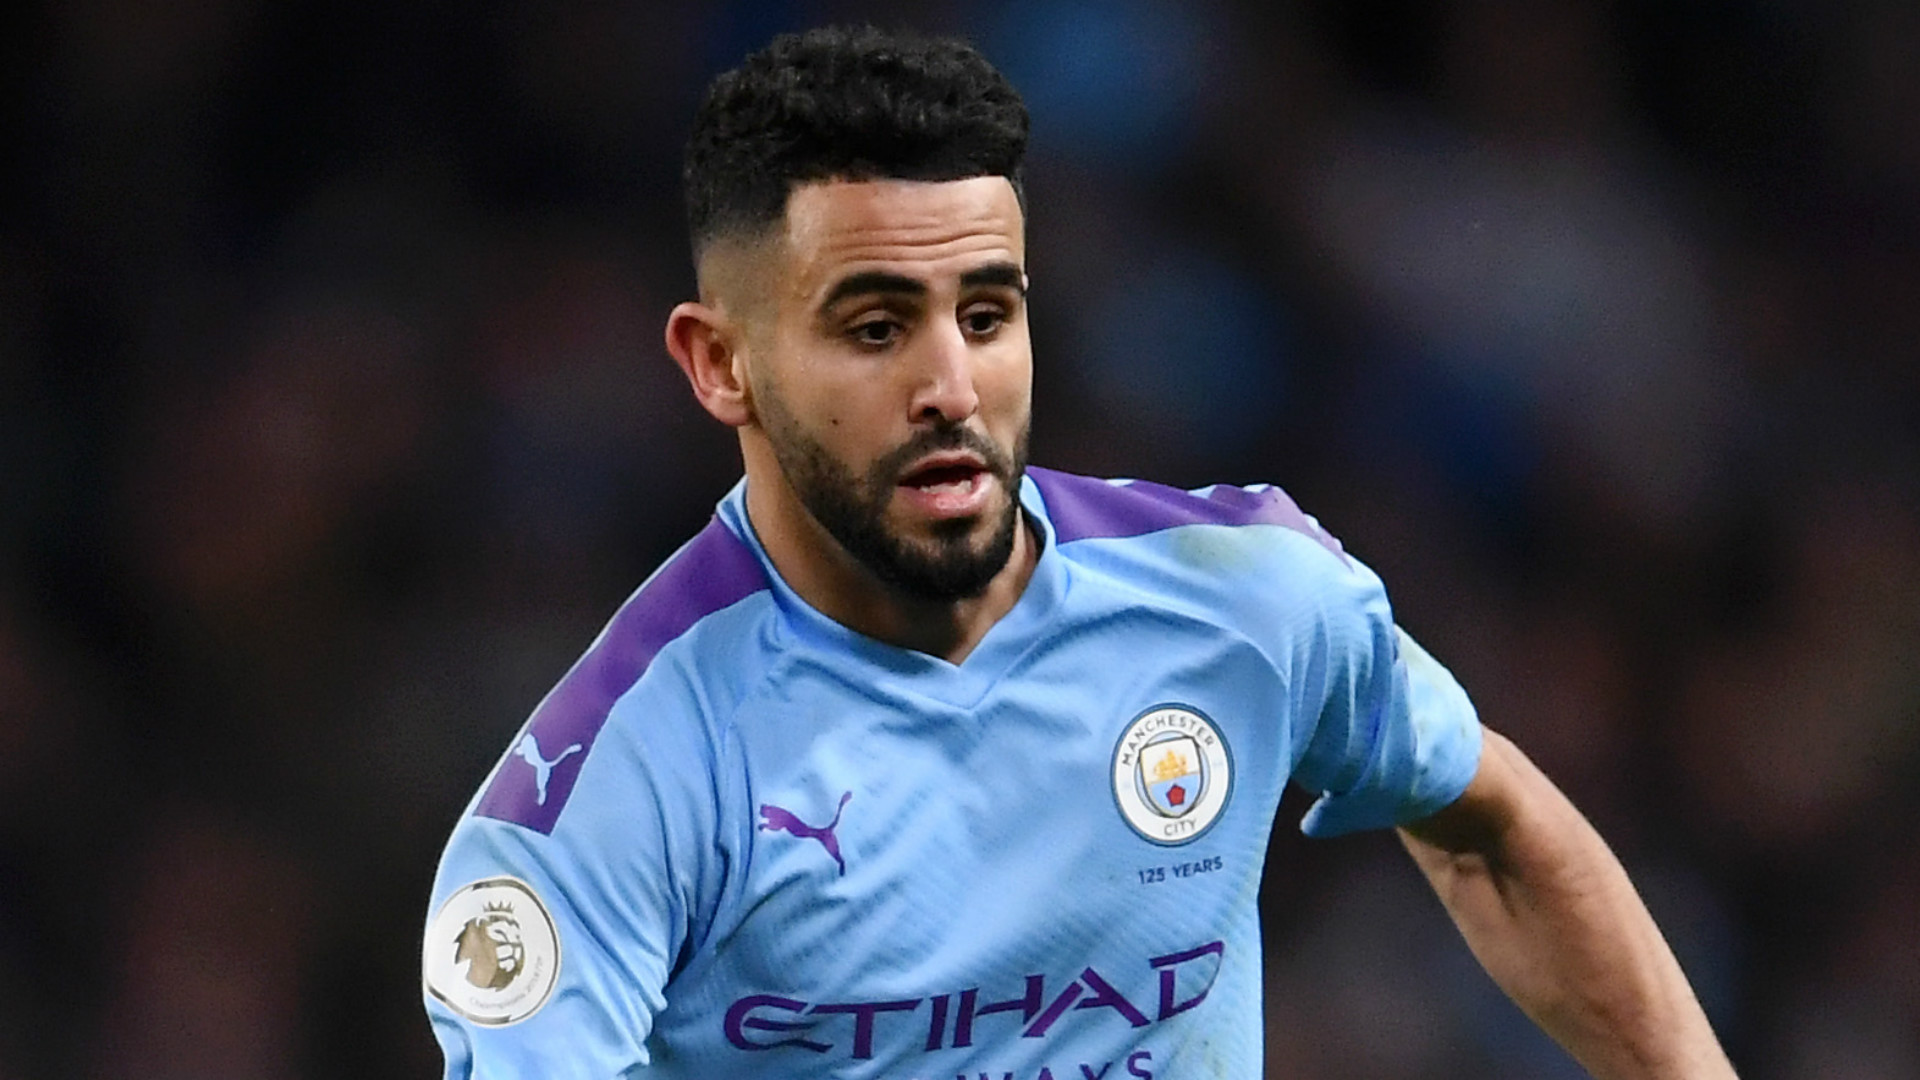 PSG angeblich an Riyad Mahrez von Manchester City interessiert